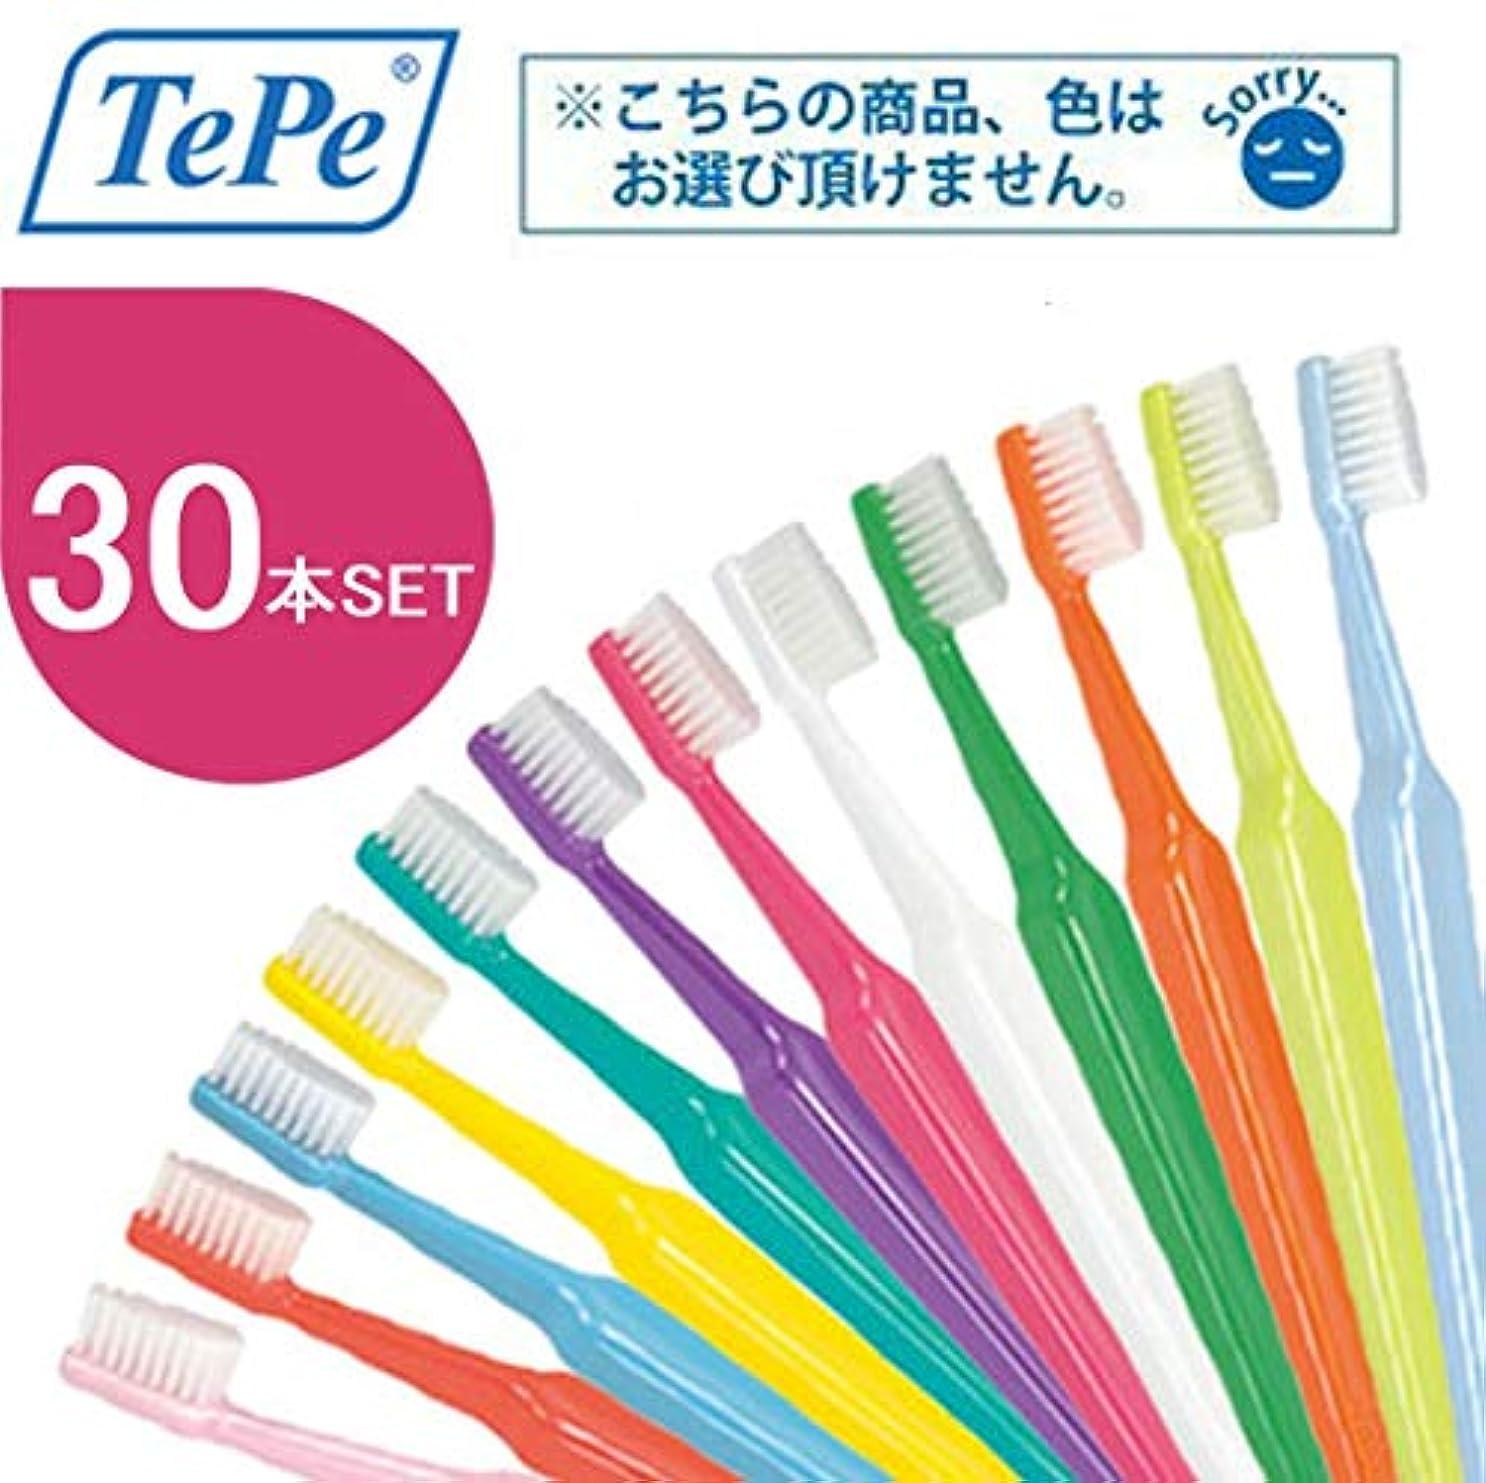 承認する切り離す論理的にクロスフィールド TePe テペ セレクト 歯ブラシ 30本 (ソフト)